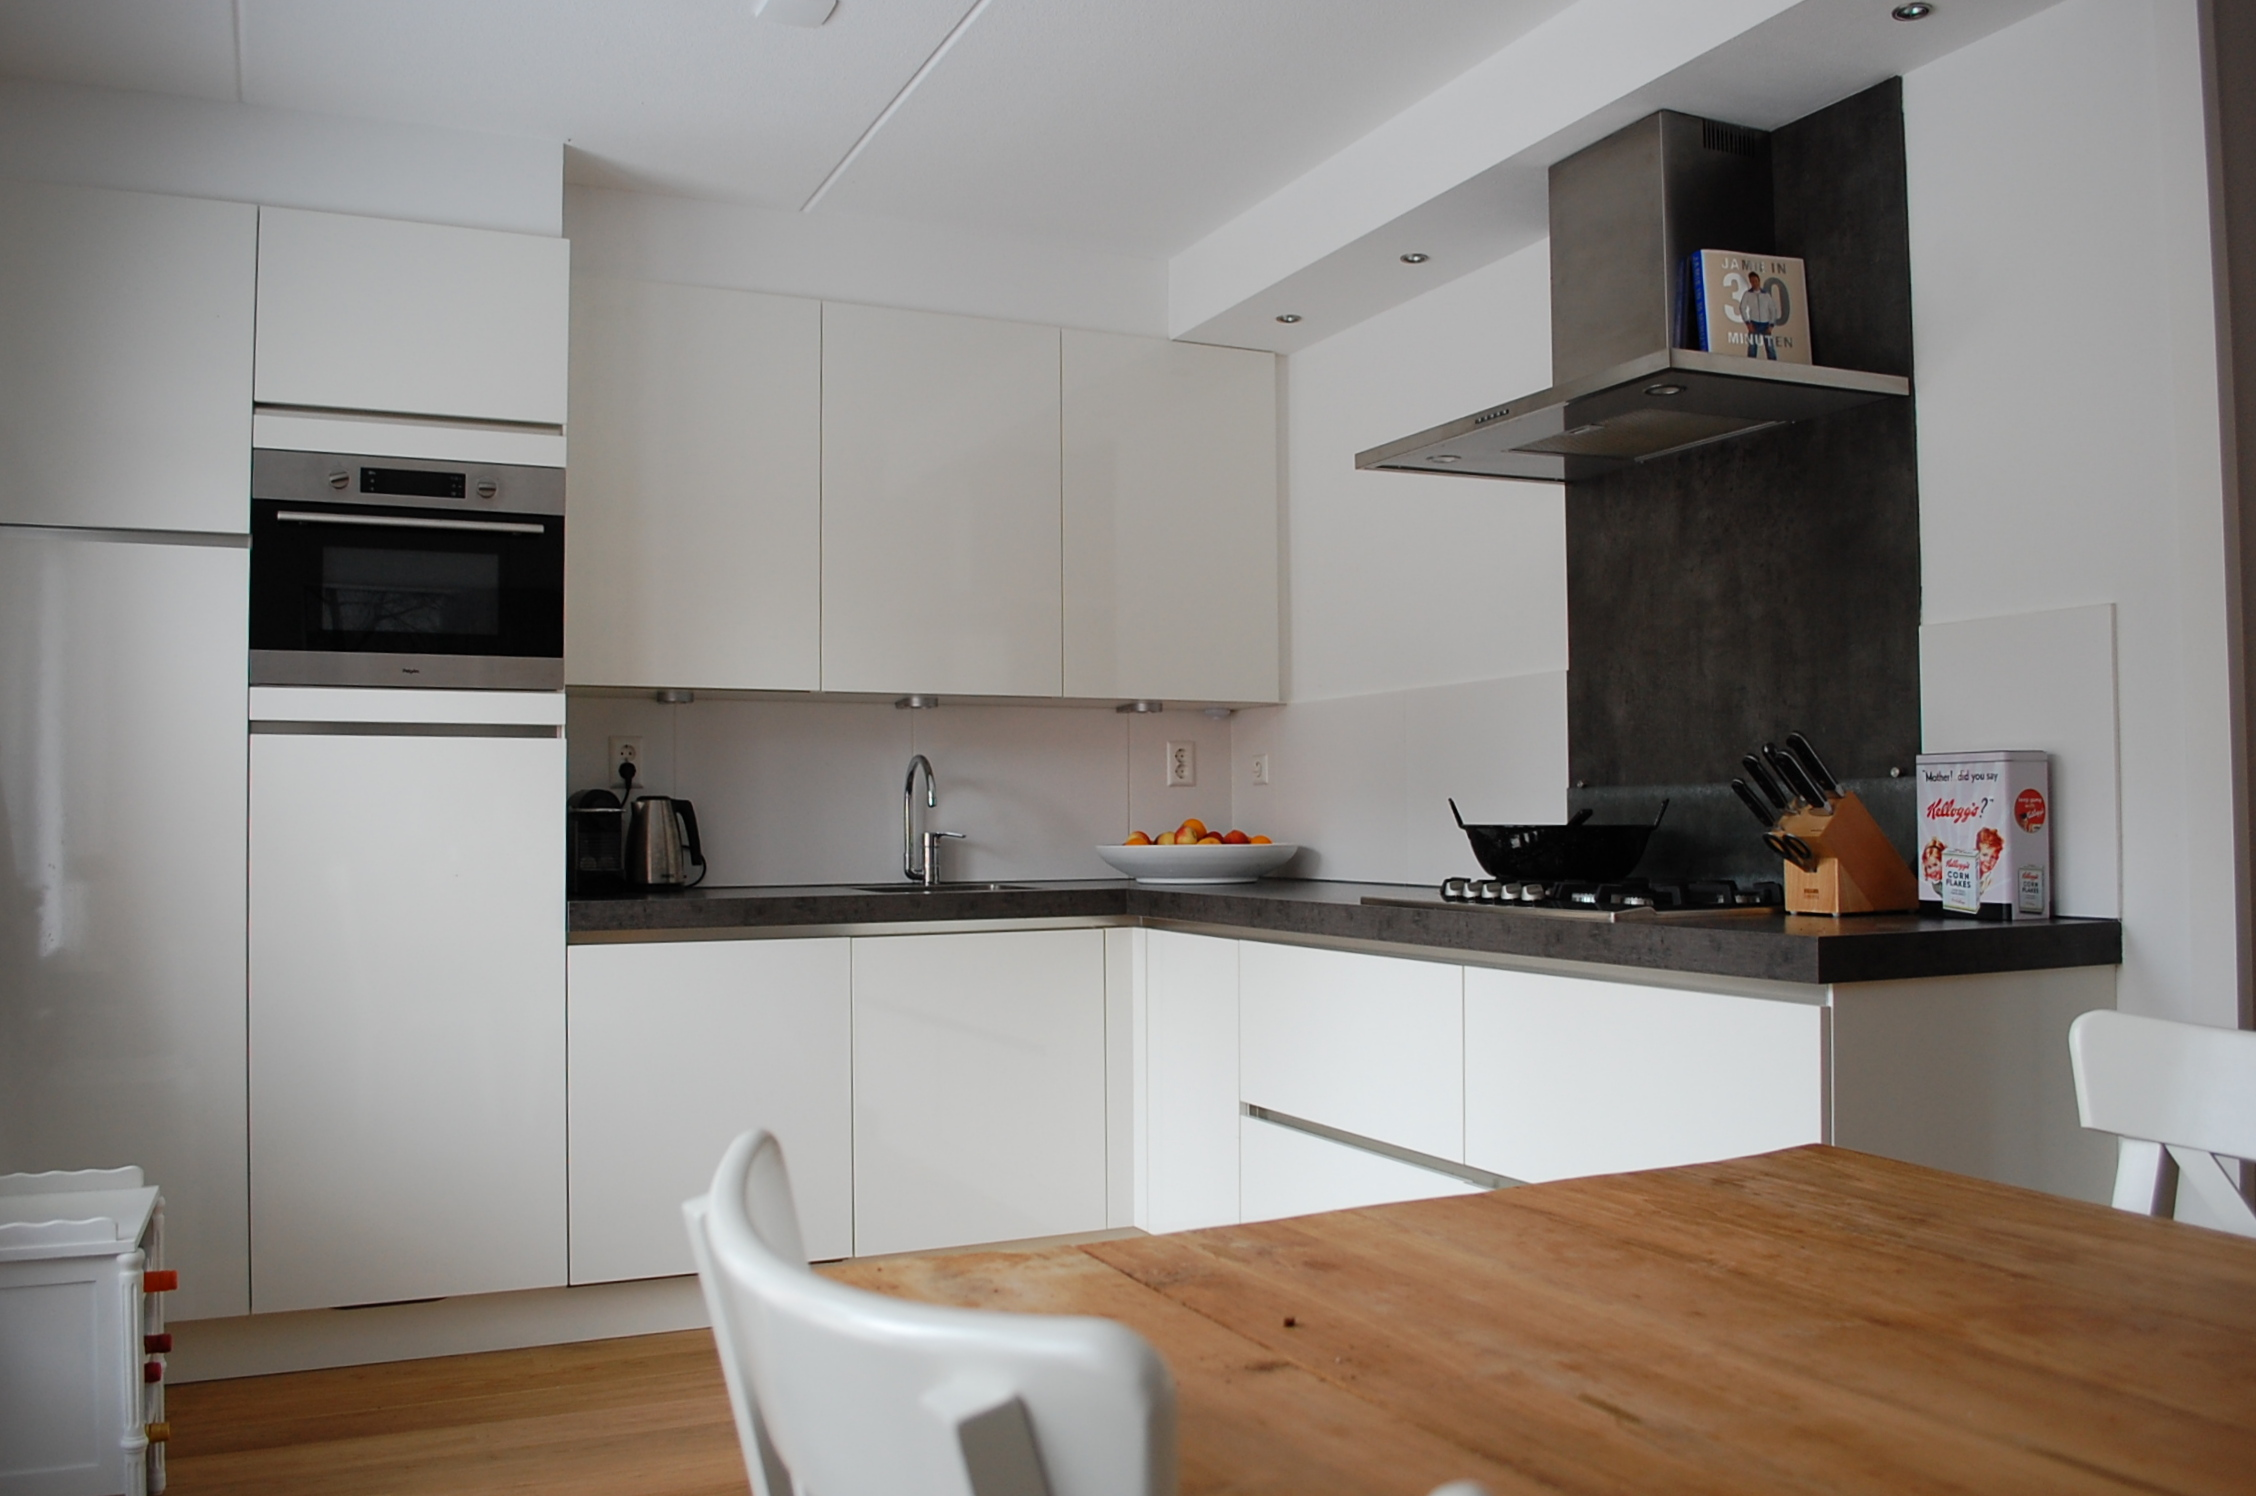 Witte keuken kleur muur referenties op huis ontwerp interieur